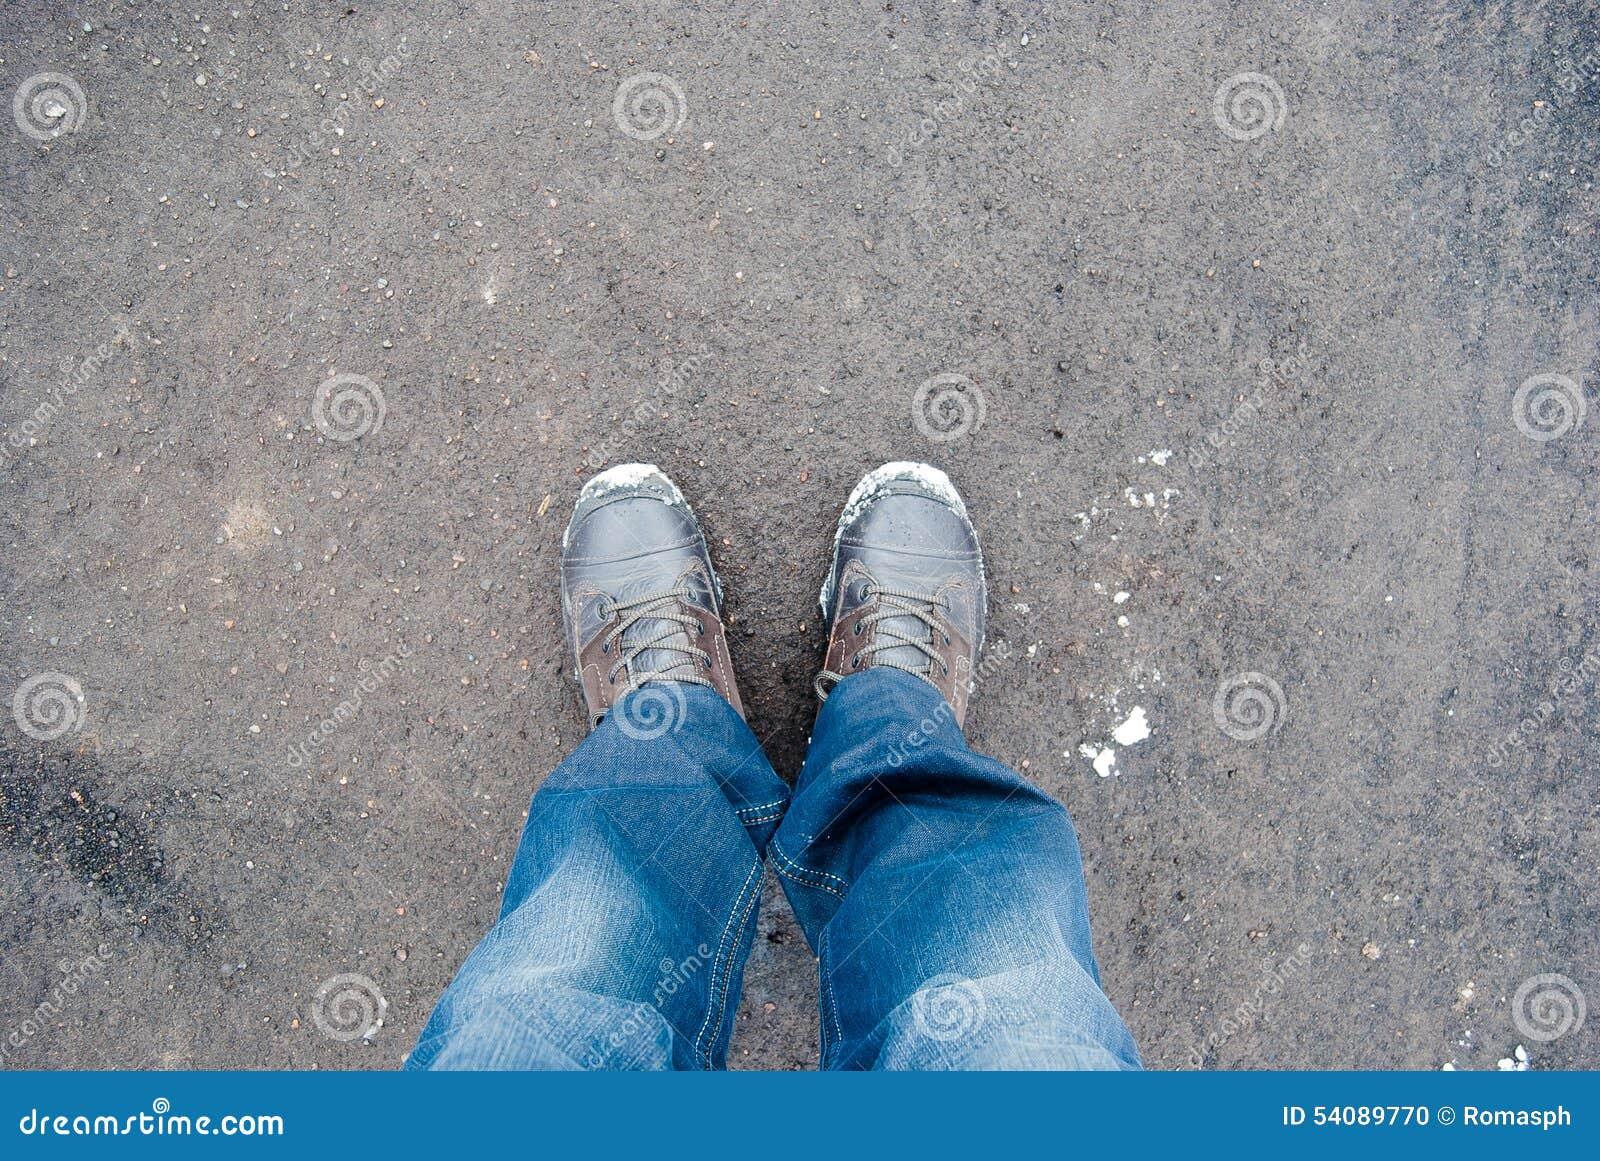 Mannelijke tennisschoenen op de asfaltweg